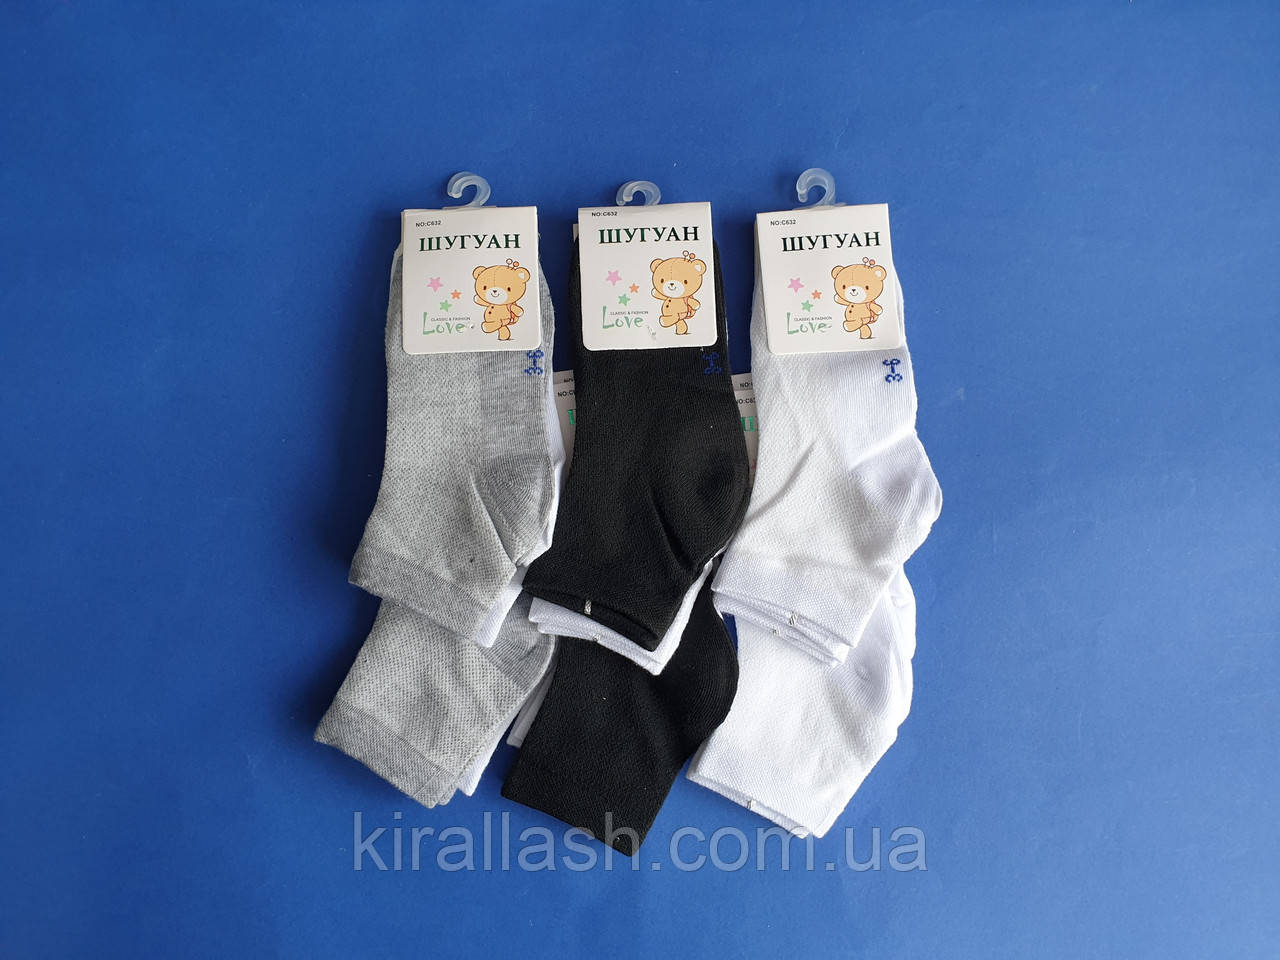 """НОВИНКА! Шкарпетки СІТКА (3-6 років) бавовна для хлопчиків """"Шугуан"""""""